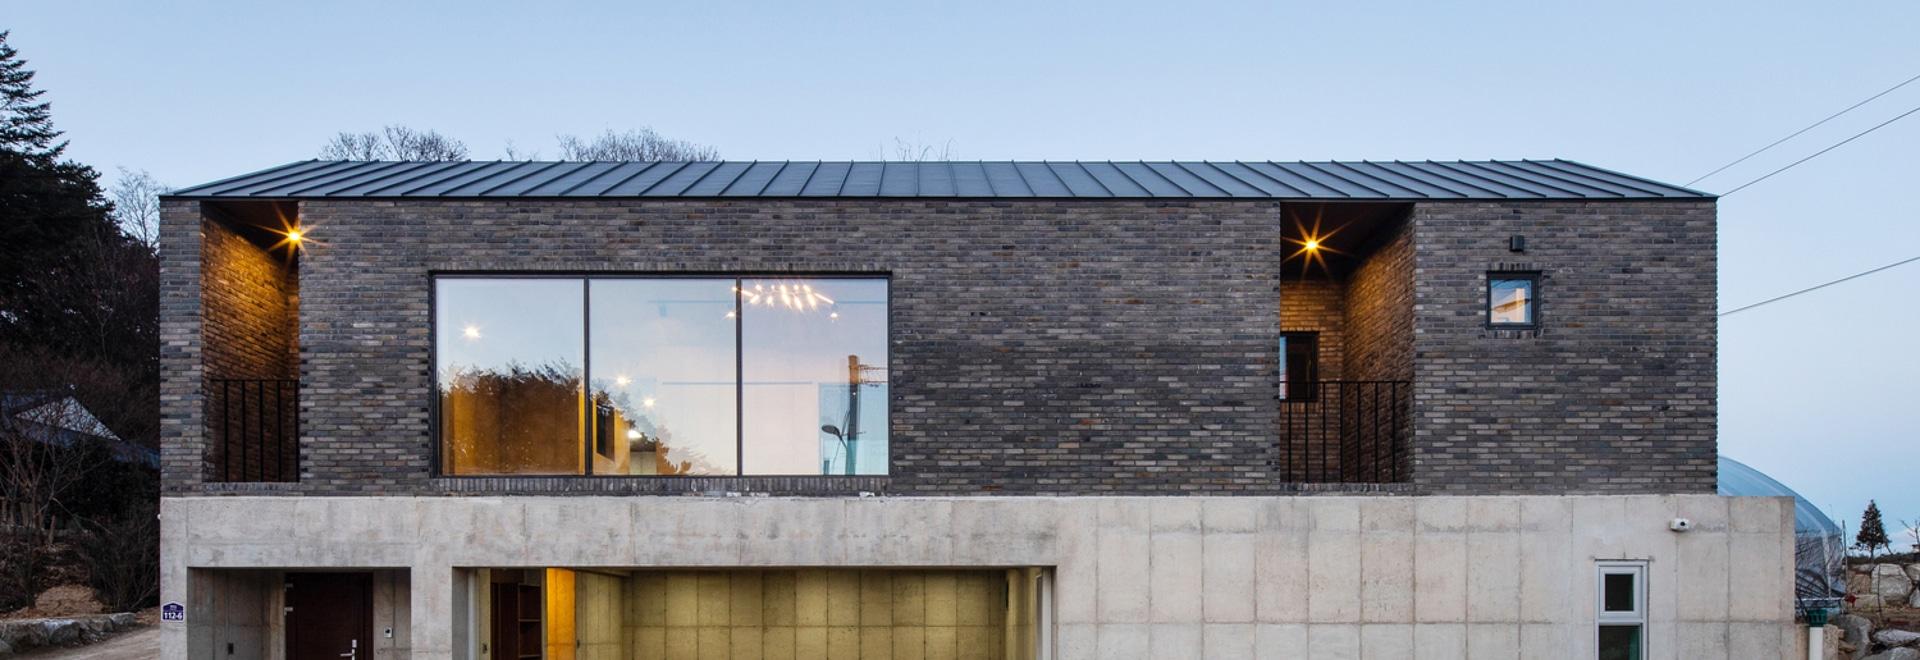 Galerie Prune et Lac / Architectes H2L